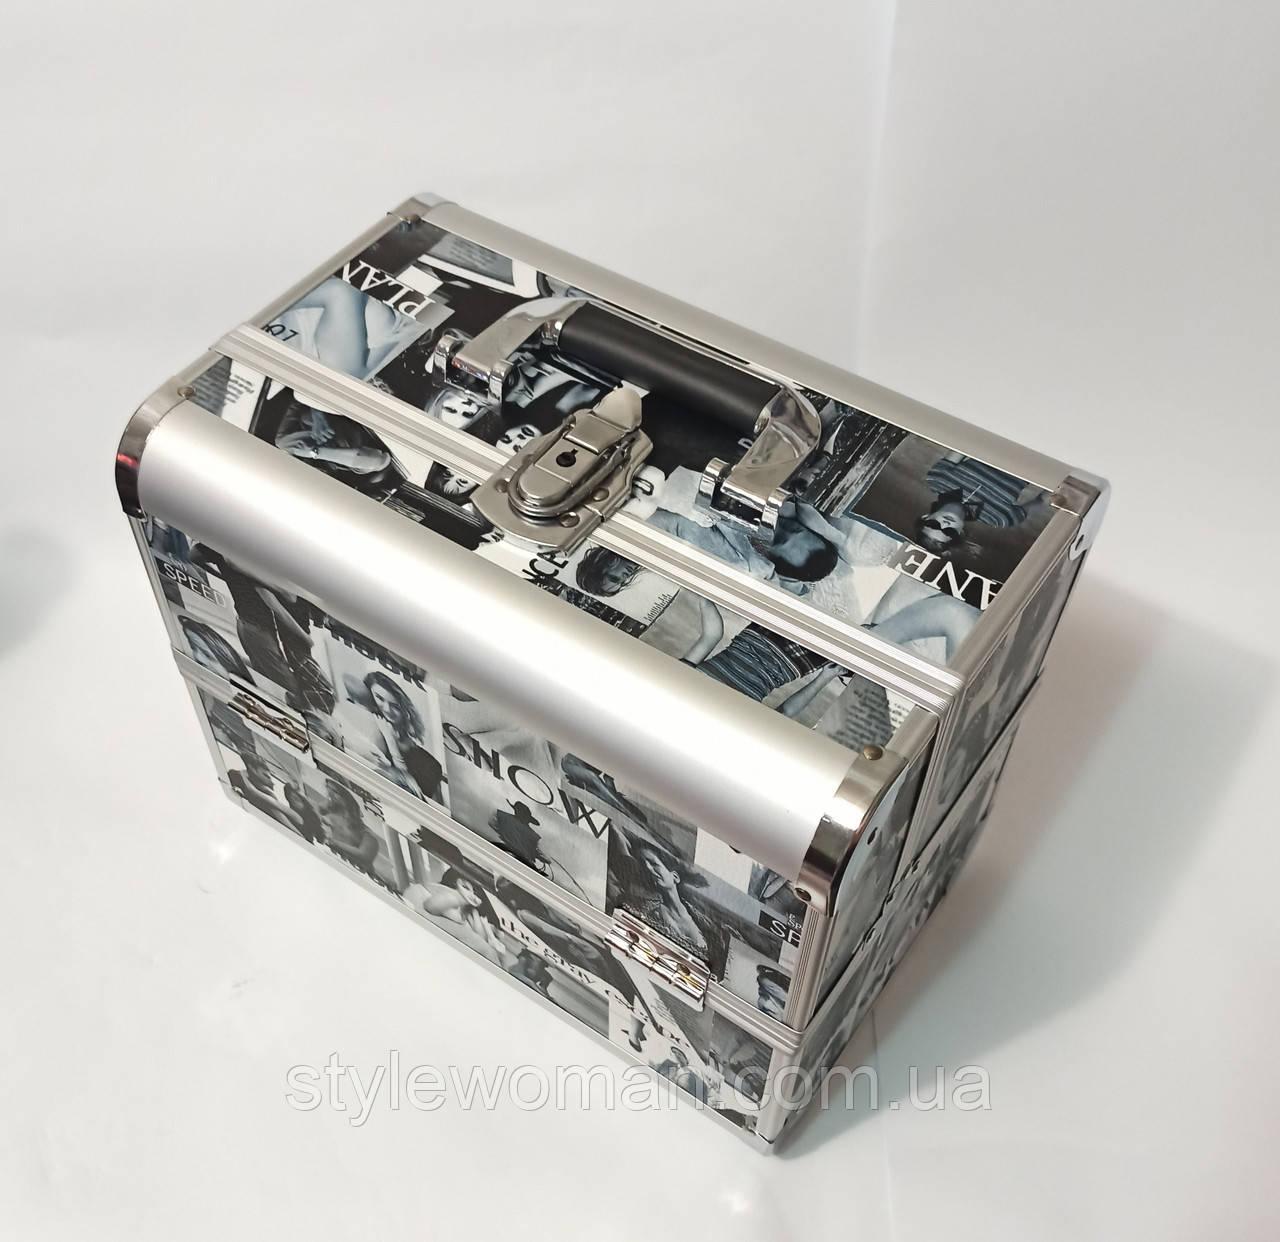 Б'юті алюмінієвий кейс валізу з ключем журнал чорно білий